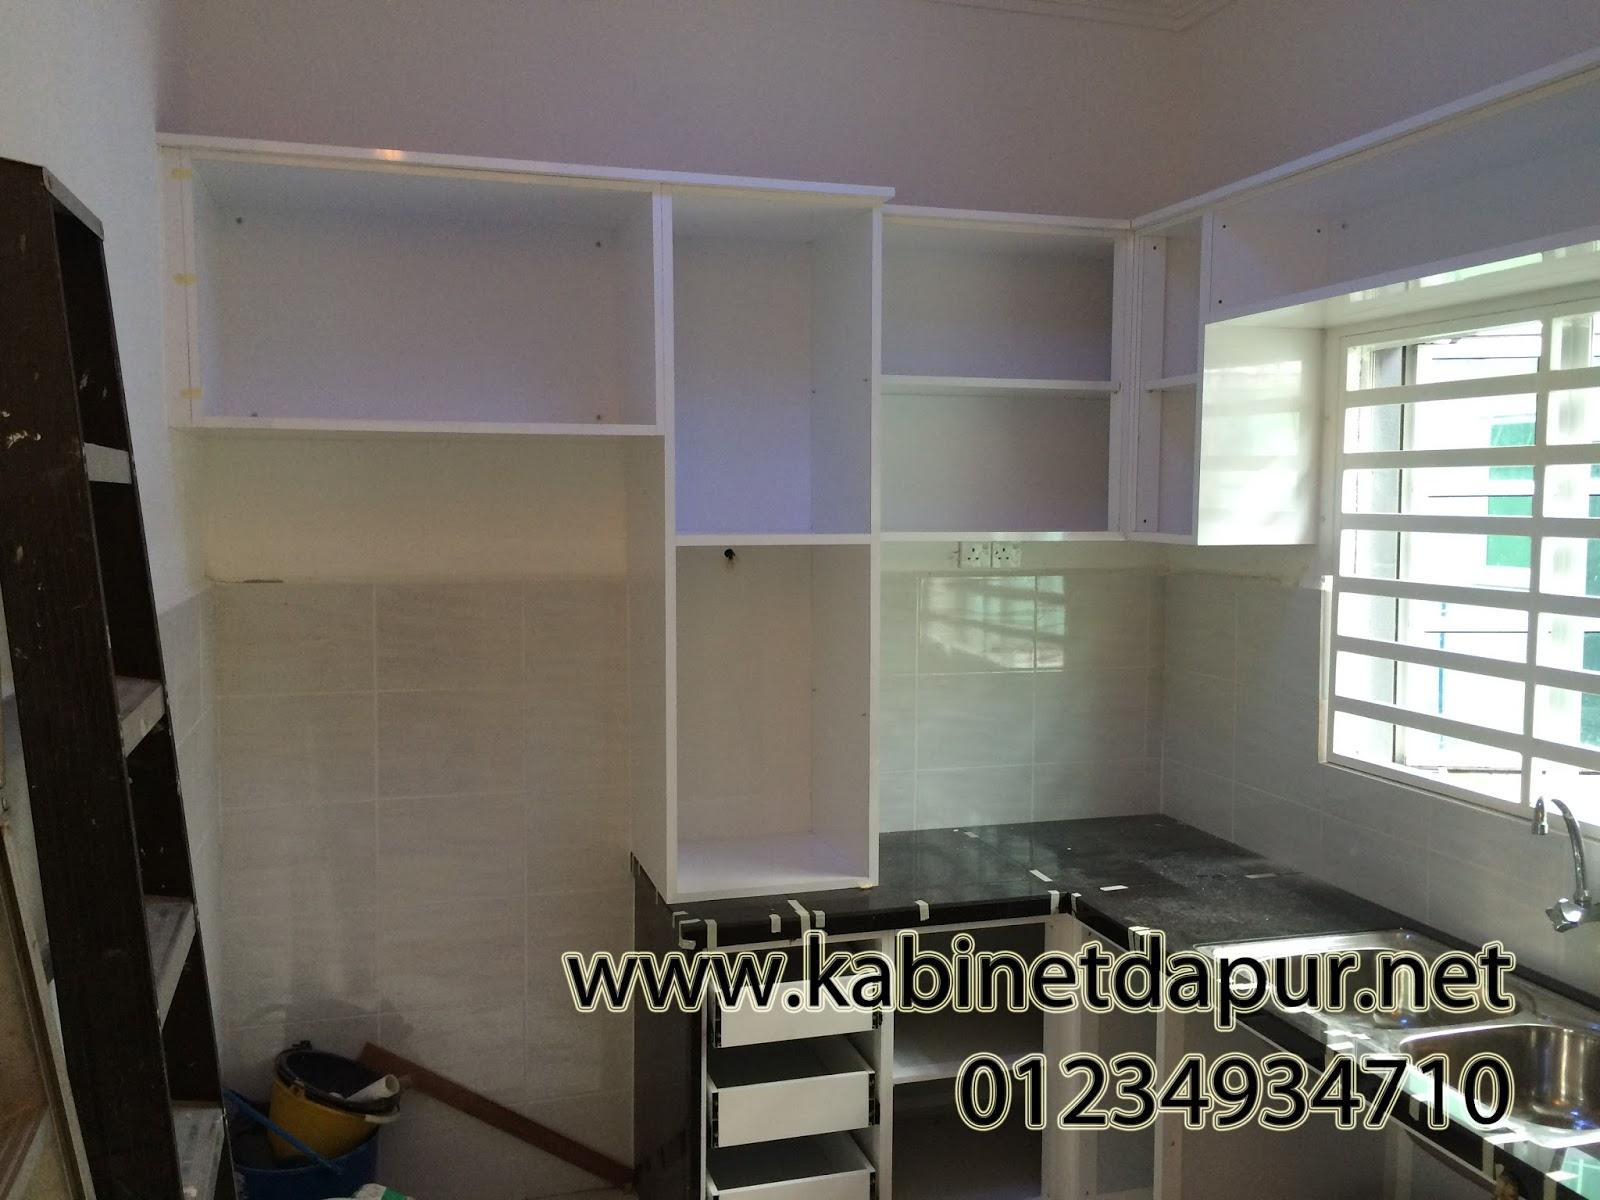 Nizam Kerana Percayakan Kami Untuk Menyiapkan Kabinet Dapur Beliau Anda Berminat Sila Tel Whats 0124934710 En Mohd Amir Pengurus Besar Budiman Kreatif